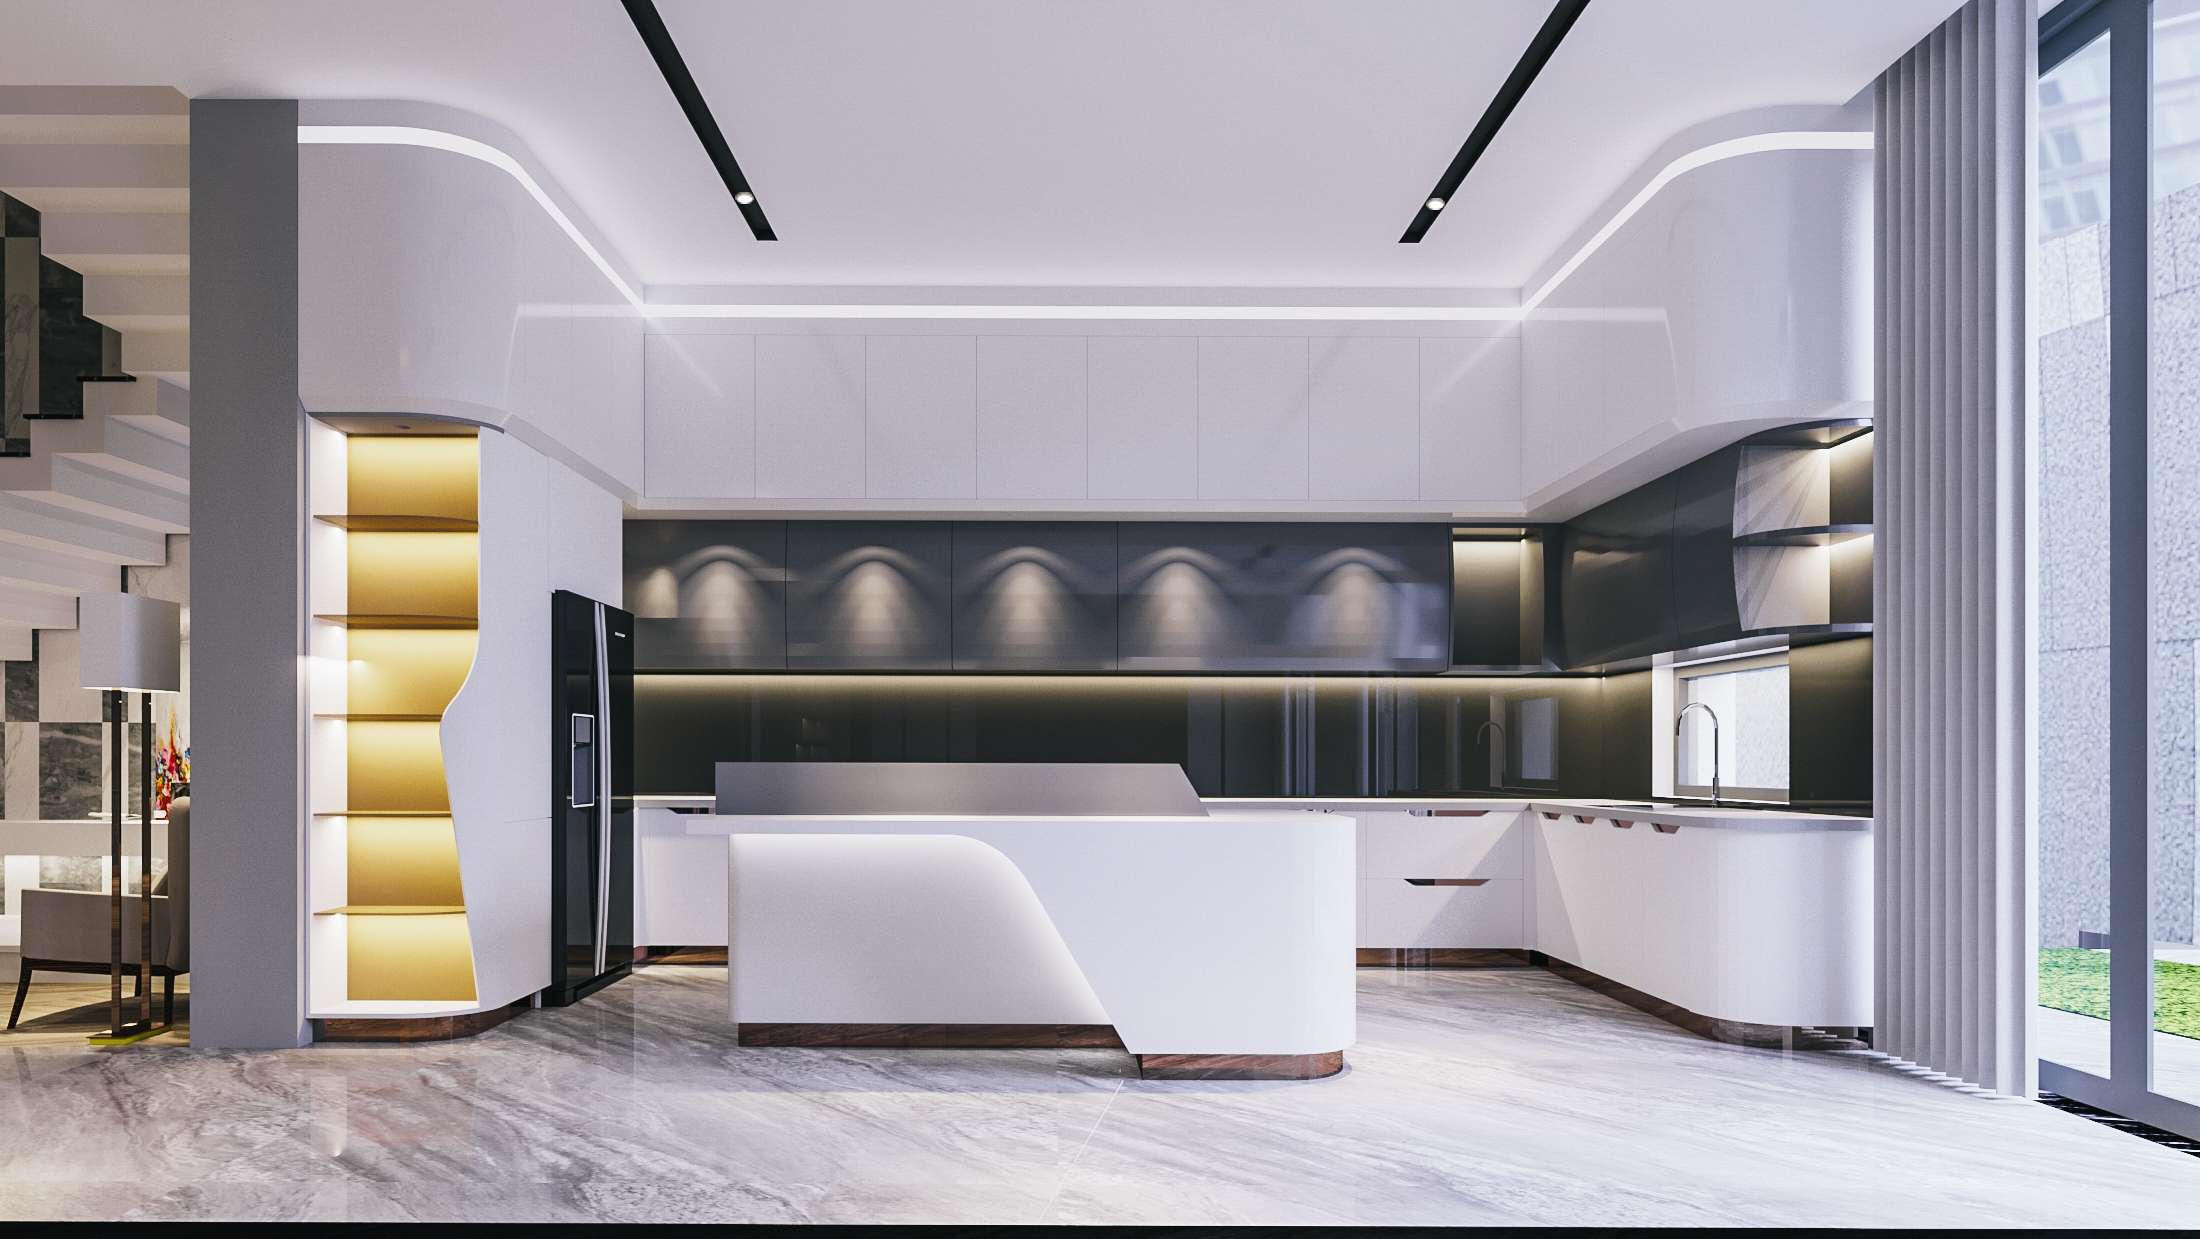 biệt thự 3 tầng 150m2 hiện đại đẹp 10